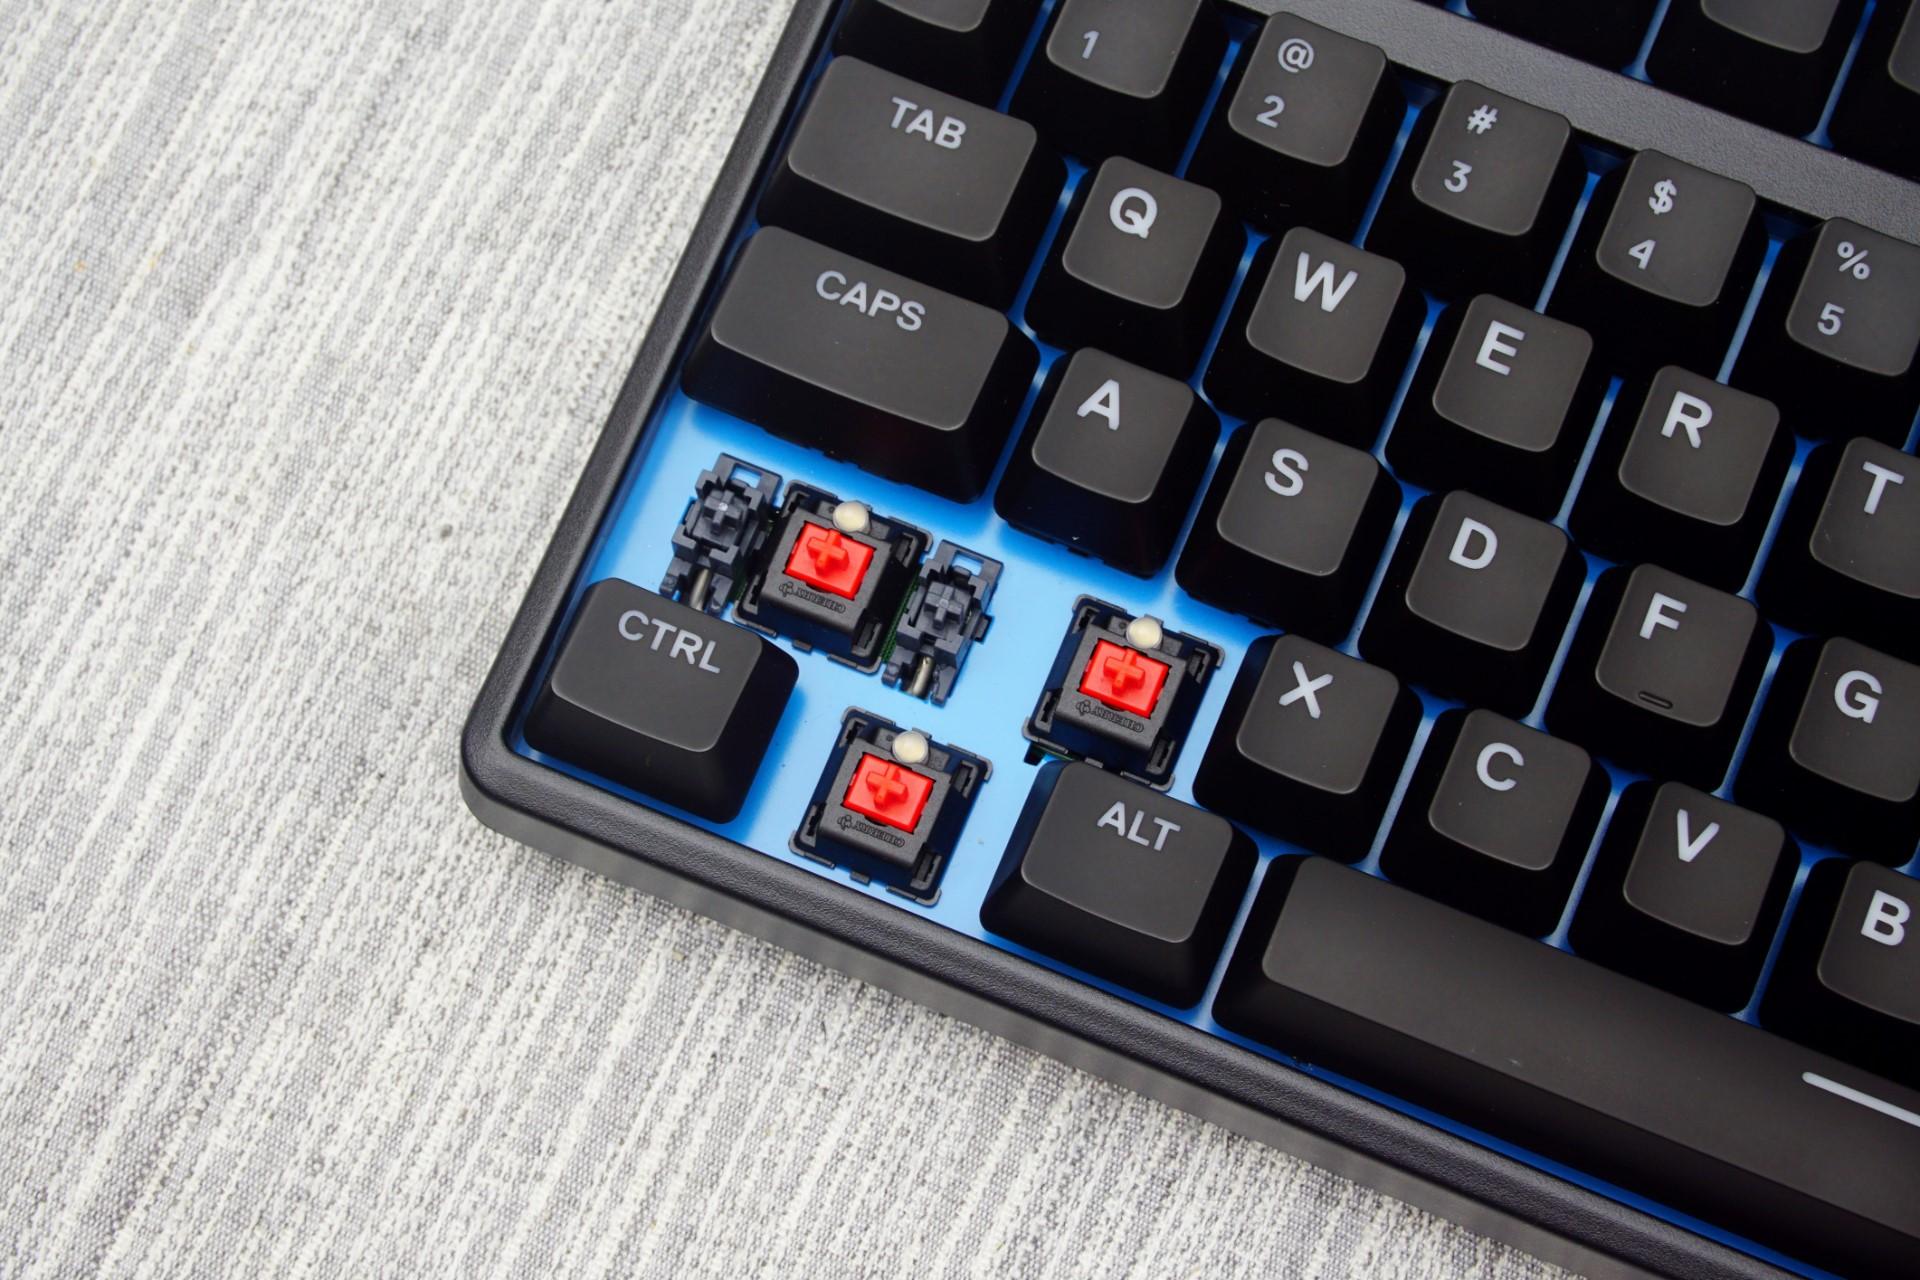 Phiên bản Red Switch của Apex M500 (Ảnh: AnandTech)